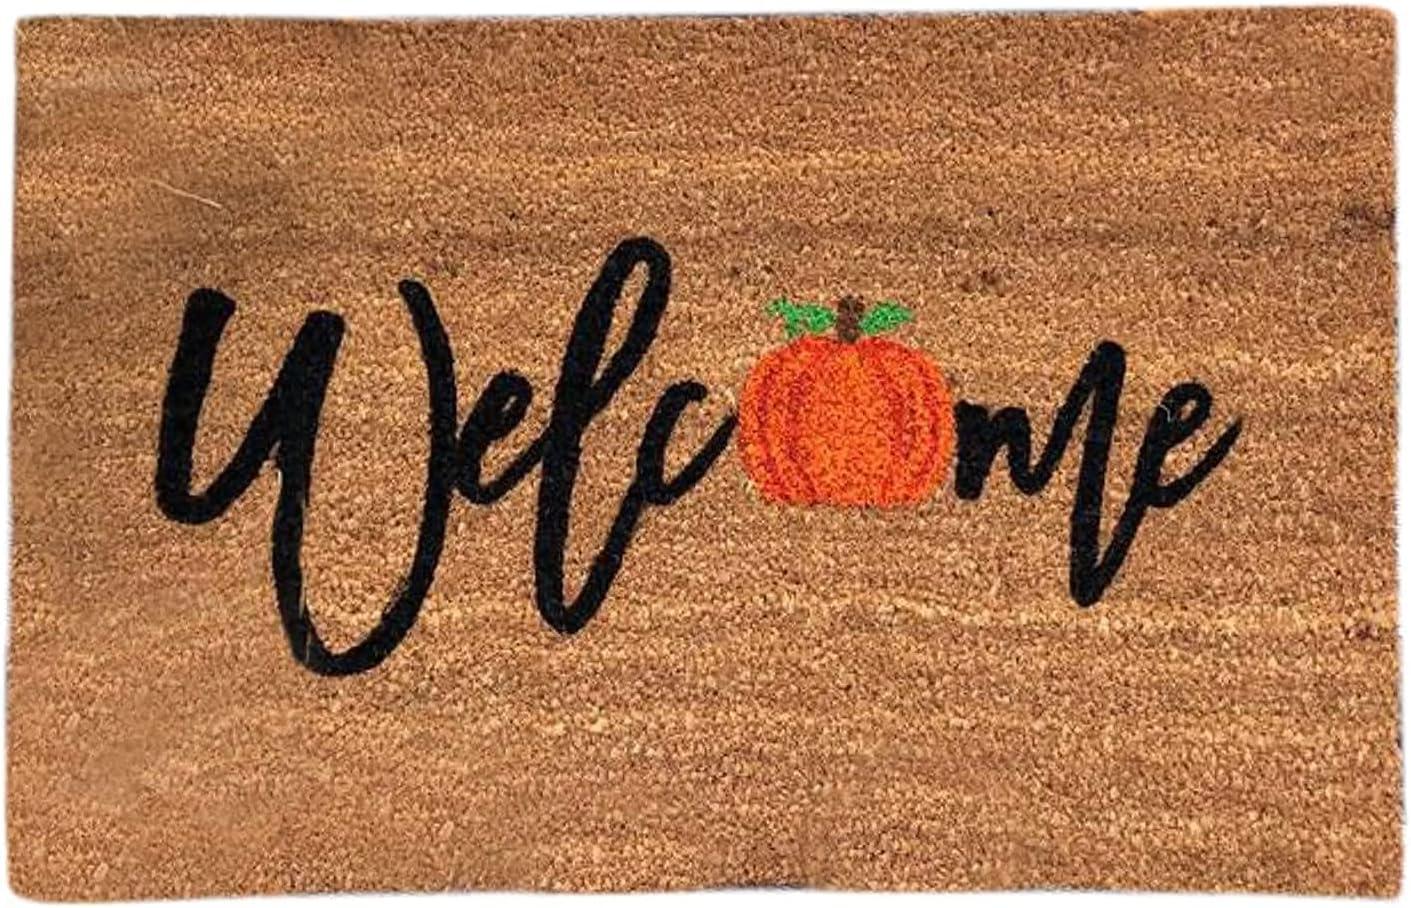 Halloween Doormat Blanket Welcome Home Front Door Decorations Halloween Decor Door Mat Anti-Slip Bottom Indoor Outdoor Carpet (B-1PCS)